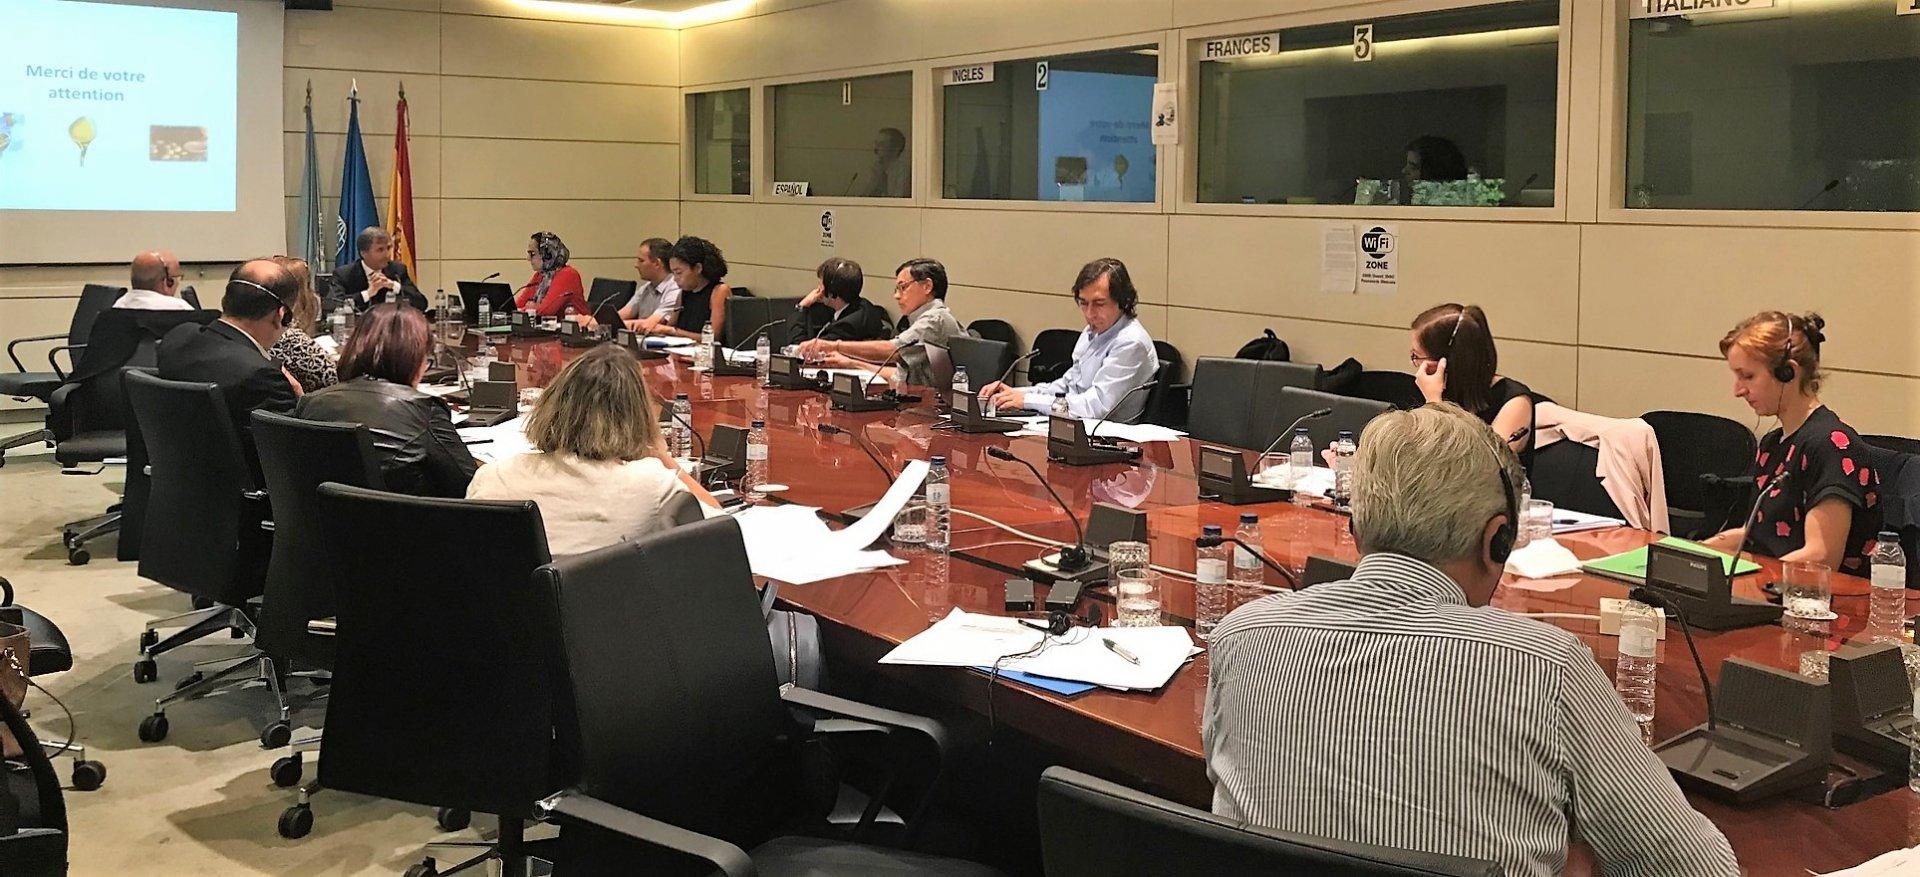 Consiglio oleicolo internazionale, gli esperti di statistica al lavoro per prossima campagna olearia